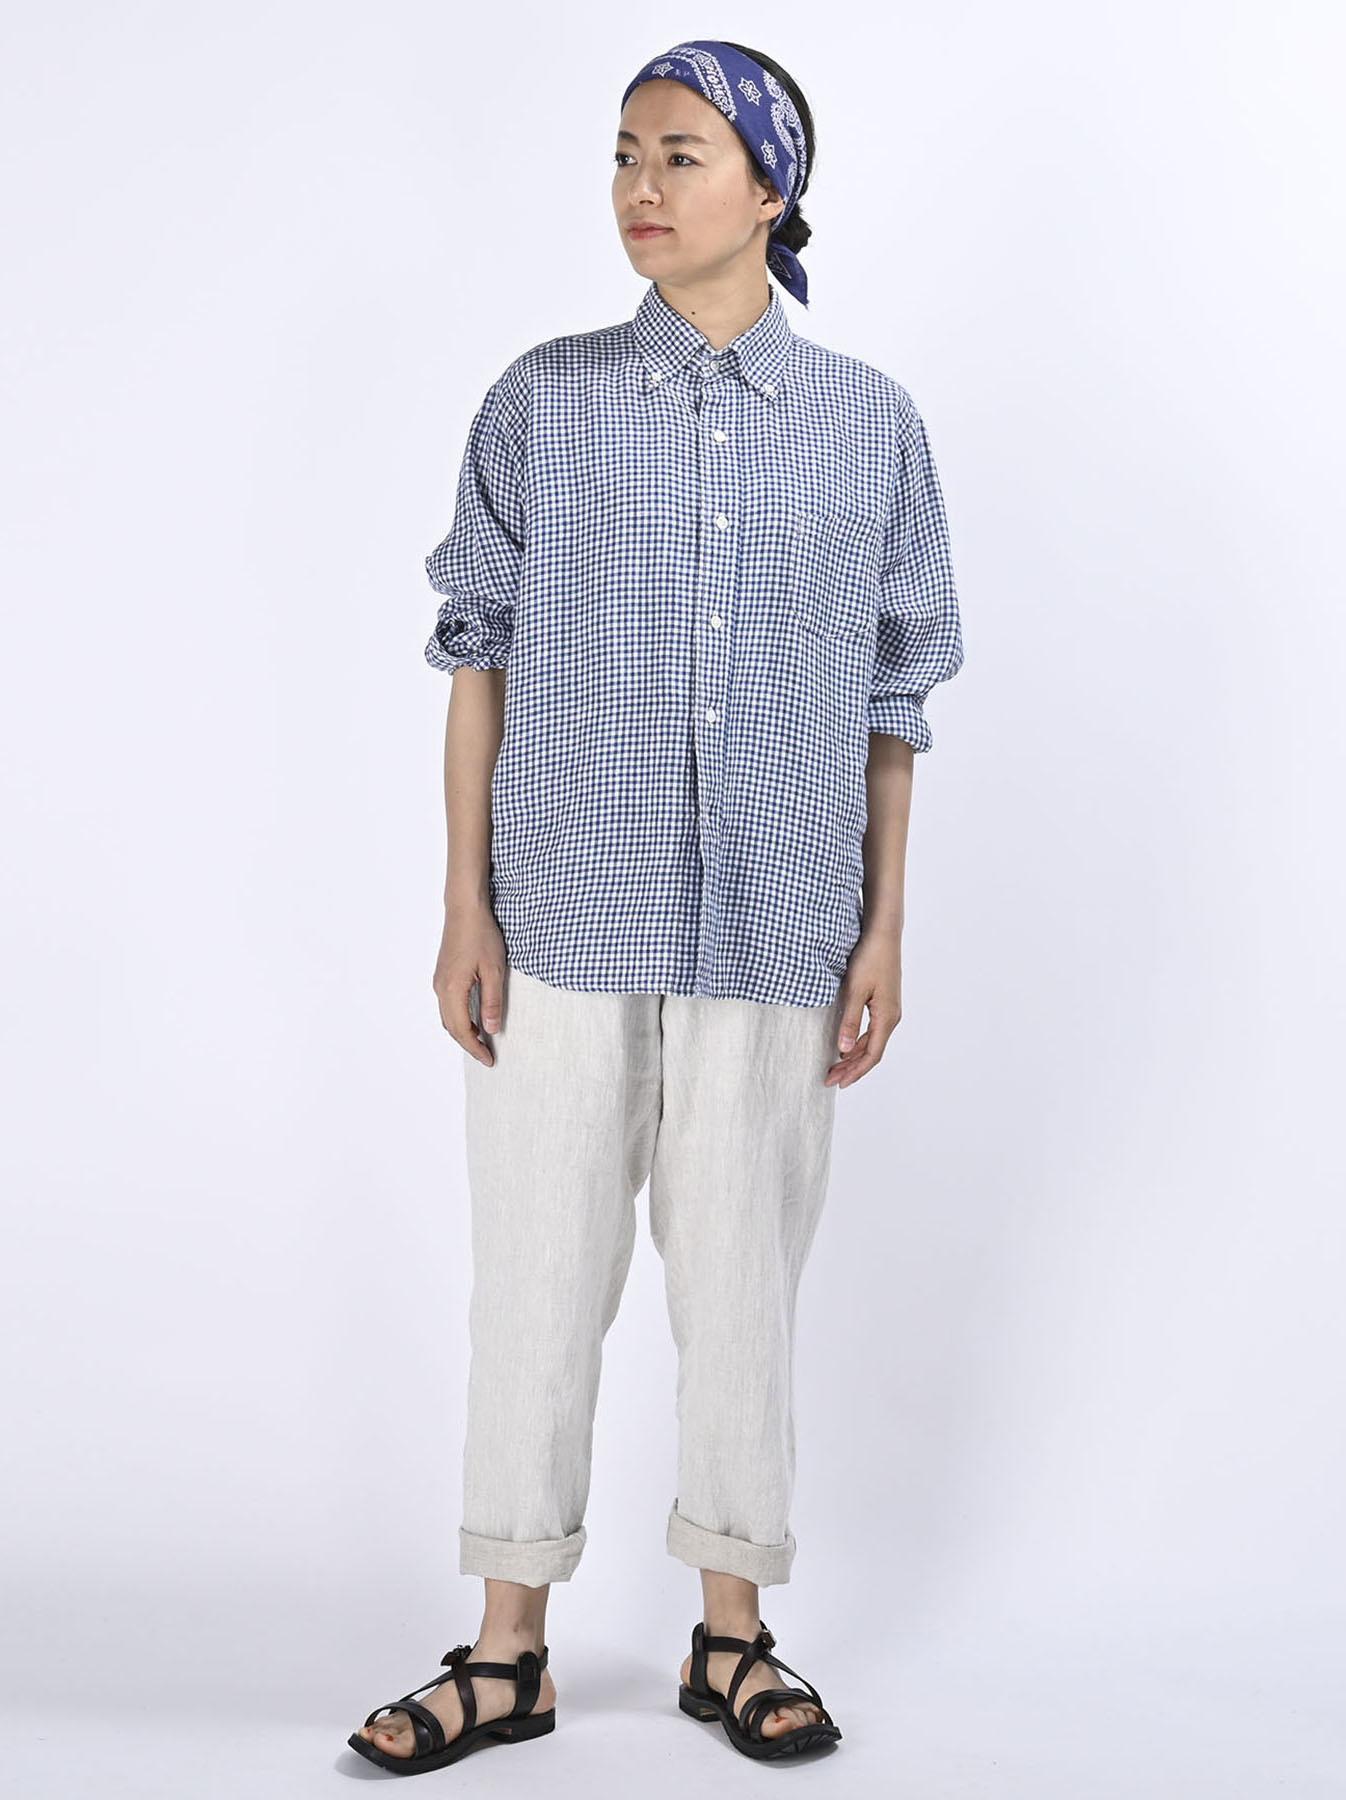 Indian Linen Flat 908 Ocean Shirt (0521)-2